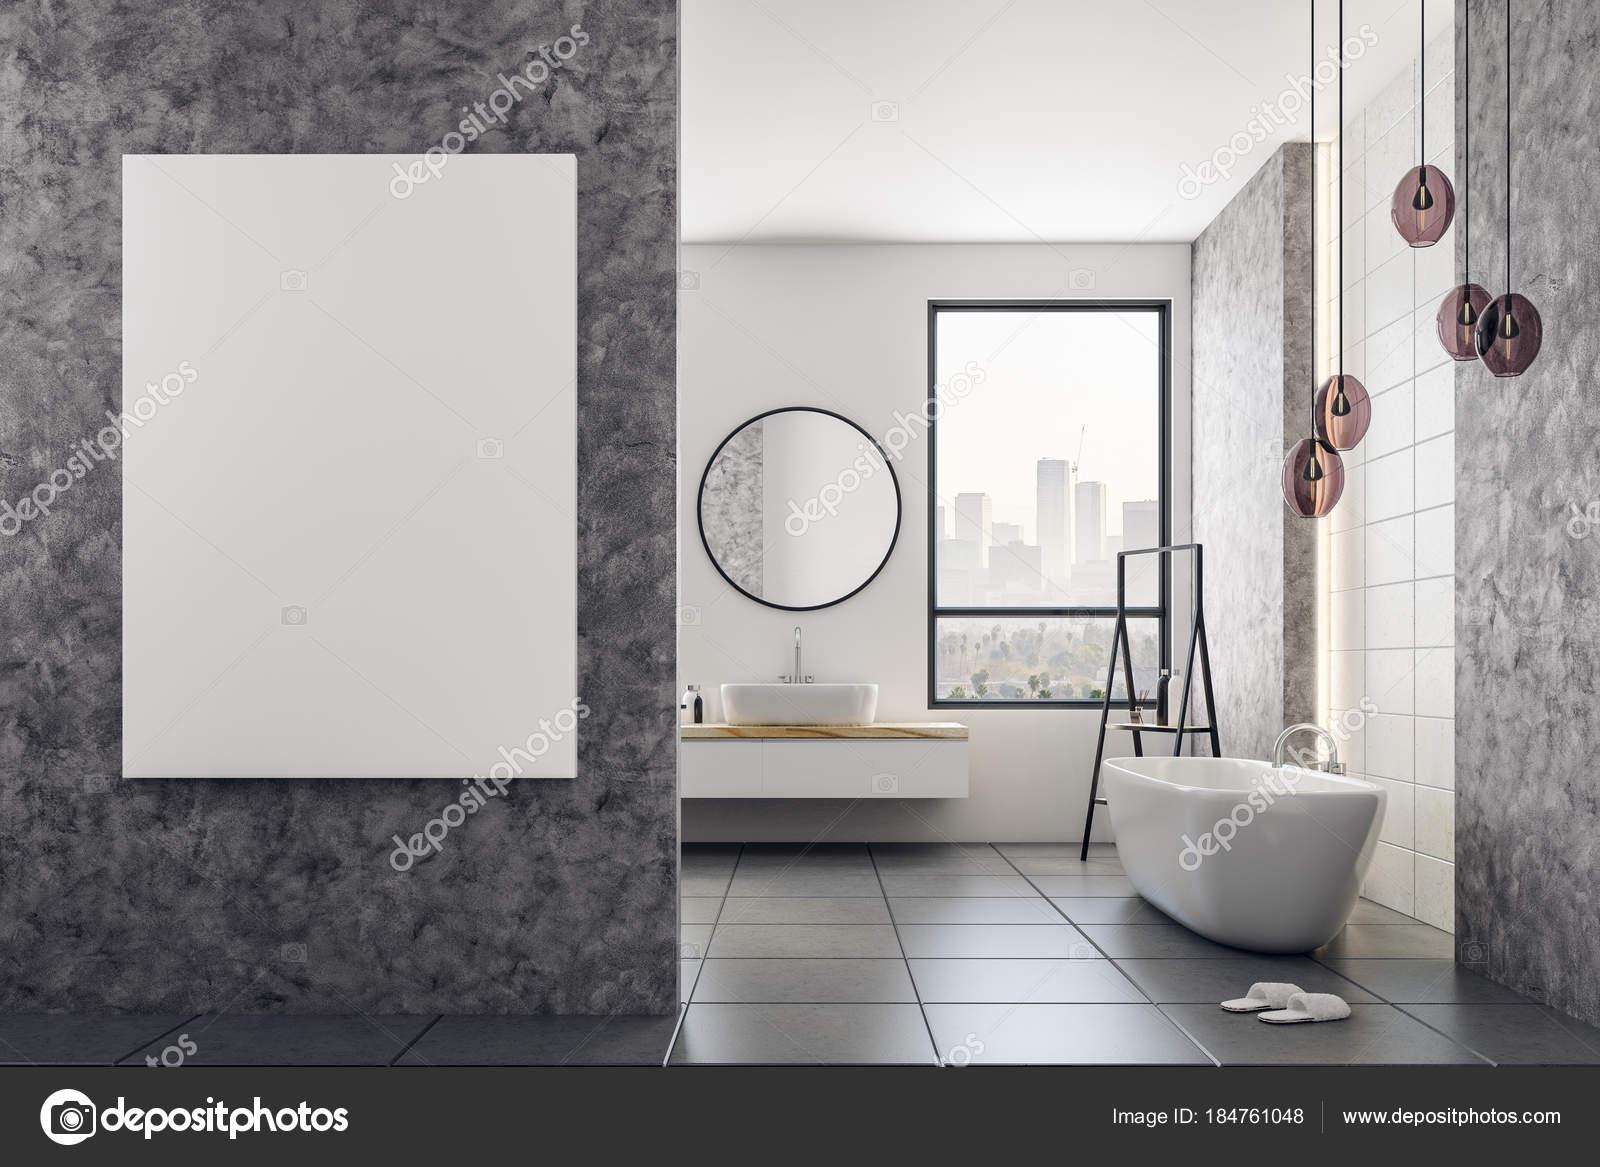 Sala Da Bagno Stile Contemporaneo : Stanza da bagno contemporanea con tabellone per le affissioni in